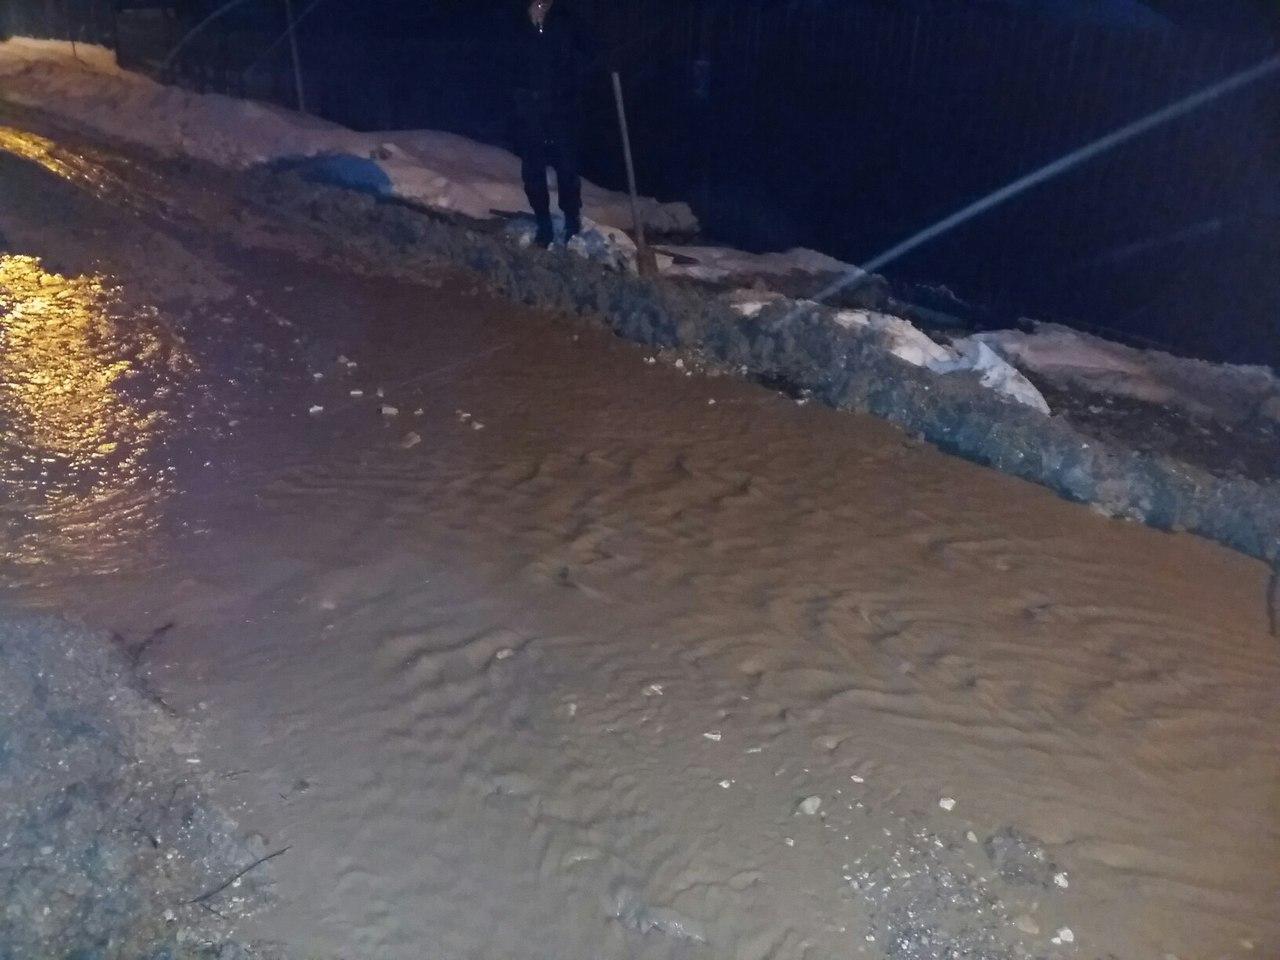 В Брянске из-за прорыва трубы унесло детскую площадку и подмыло дом